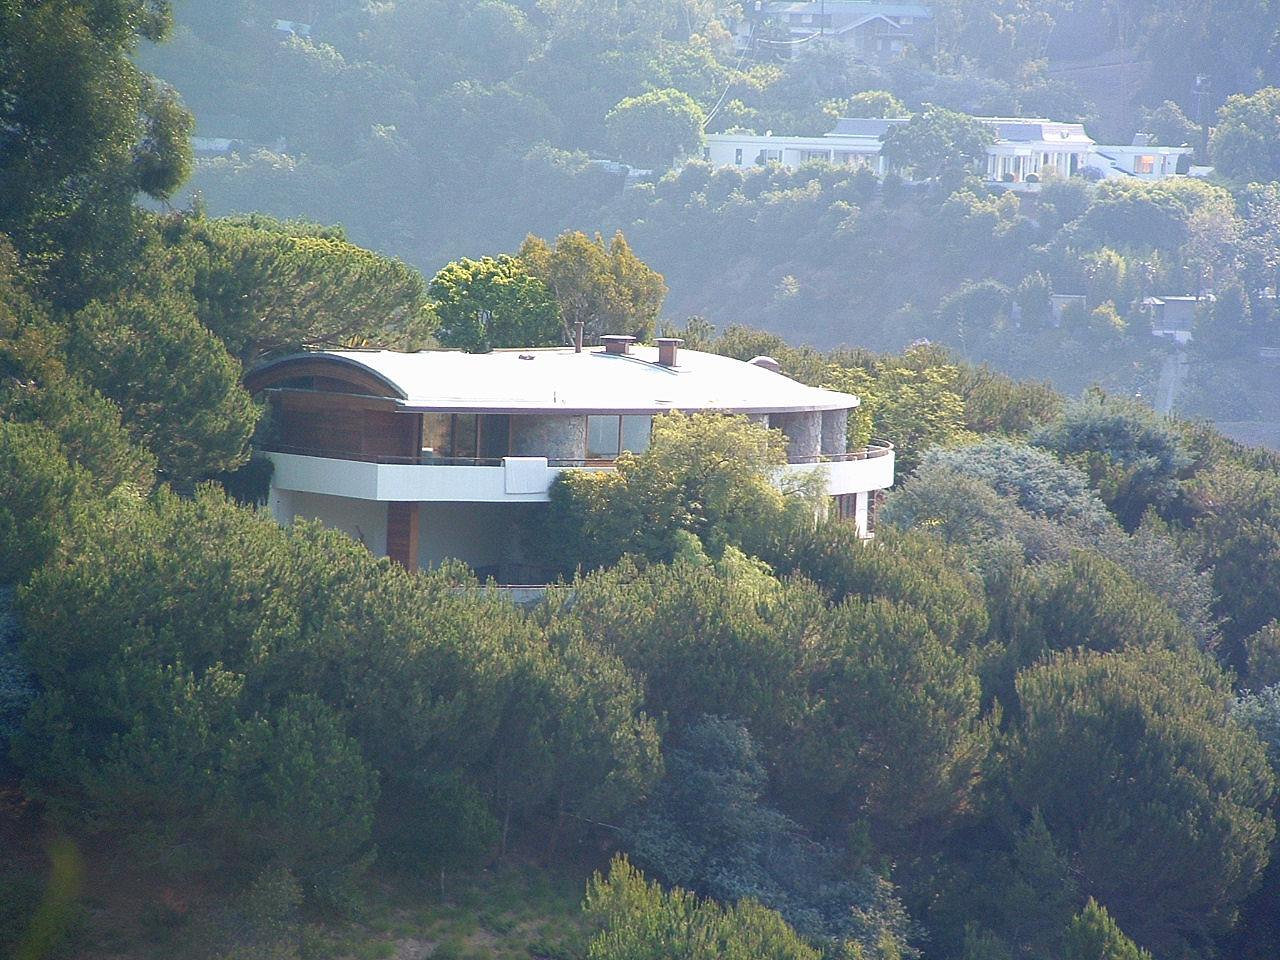 Schwimmer Residence designed by Architect John Lautner